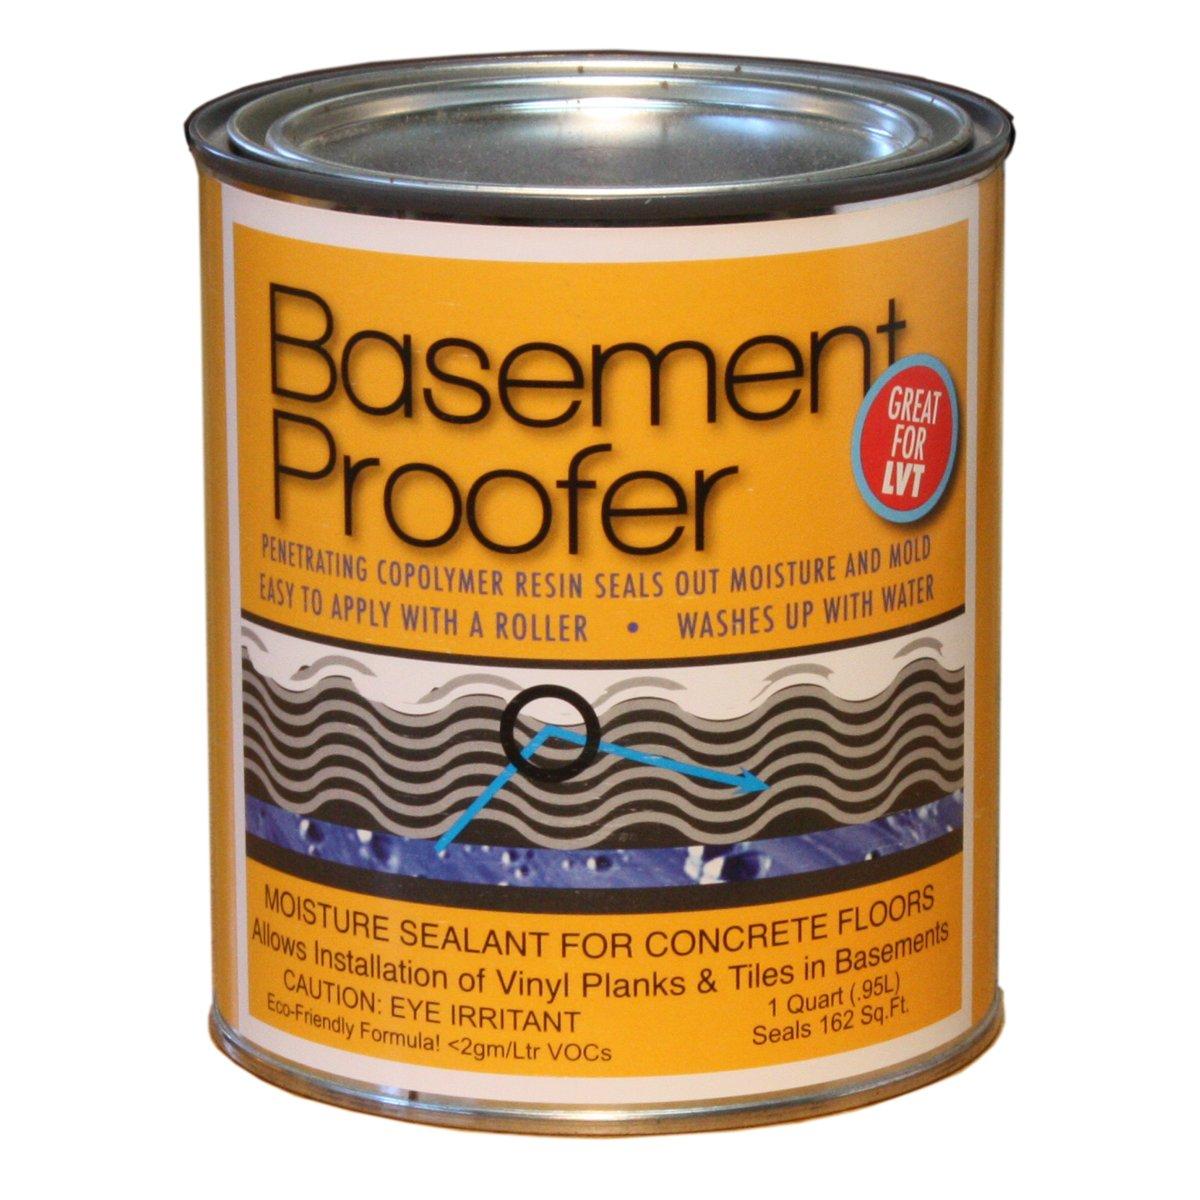 calflor ss96612 basement proofer concrete floor sealant 1quart wood moldings and trims amazoncom